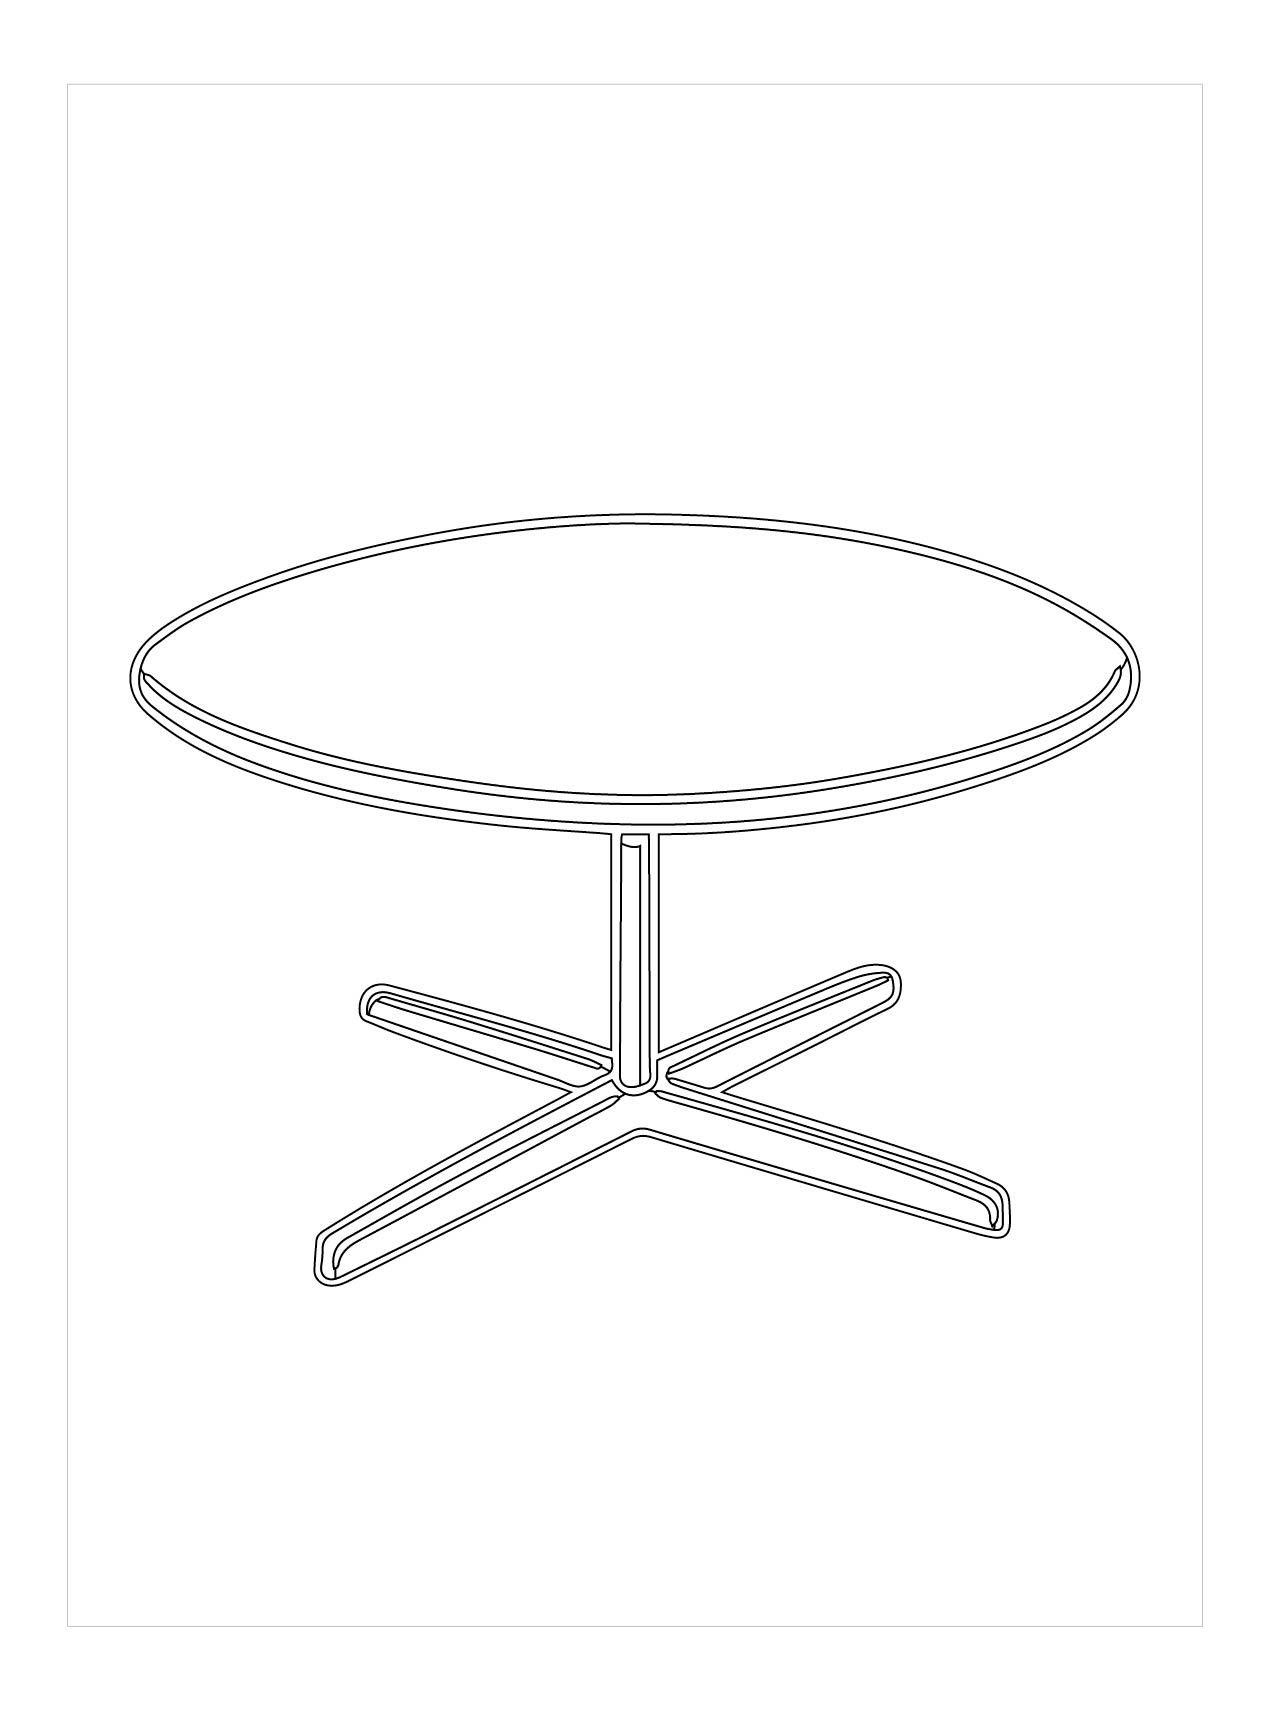 Tranh tô màu cái bàn đẹp, đơn giản